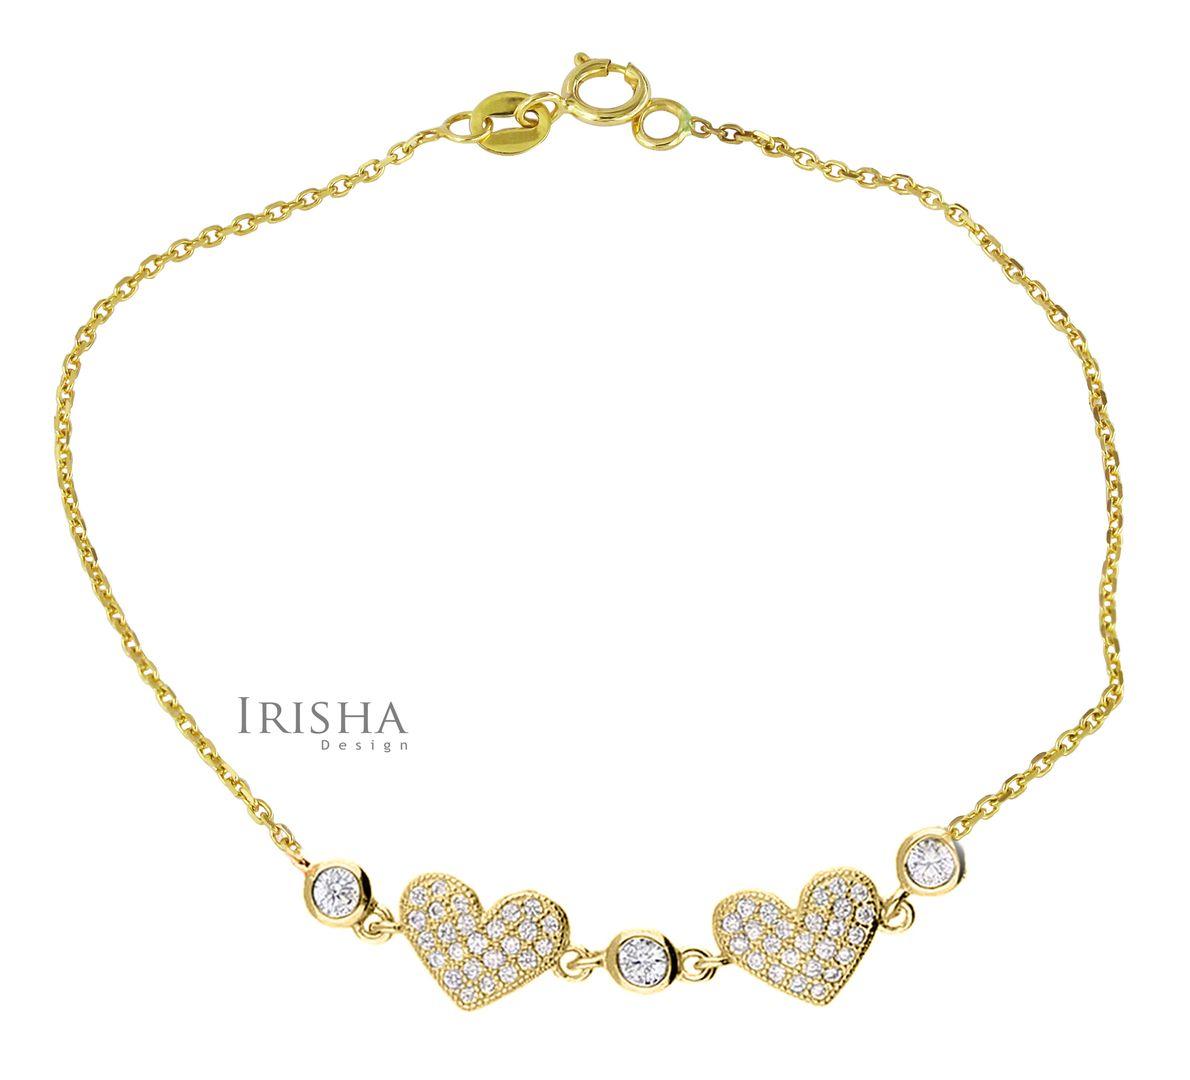 0.40 Ct. Genuine Diamond Double Heart Charm Bracelet Fine Jewelry 14K Gold